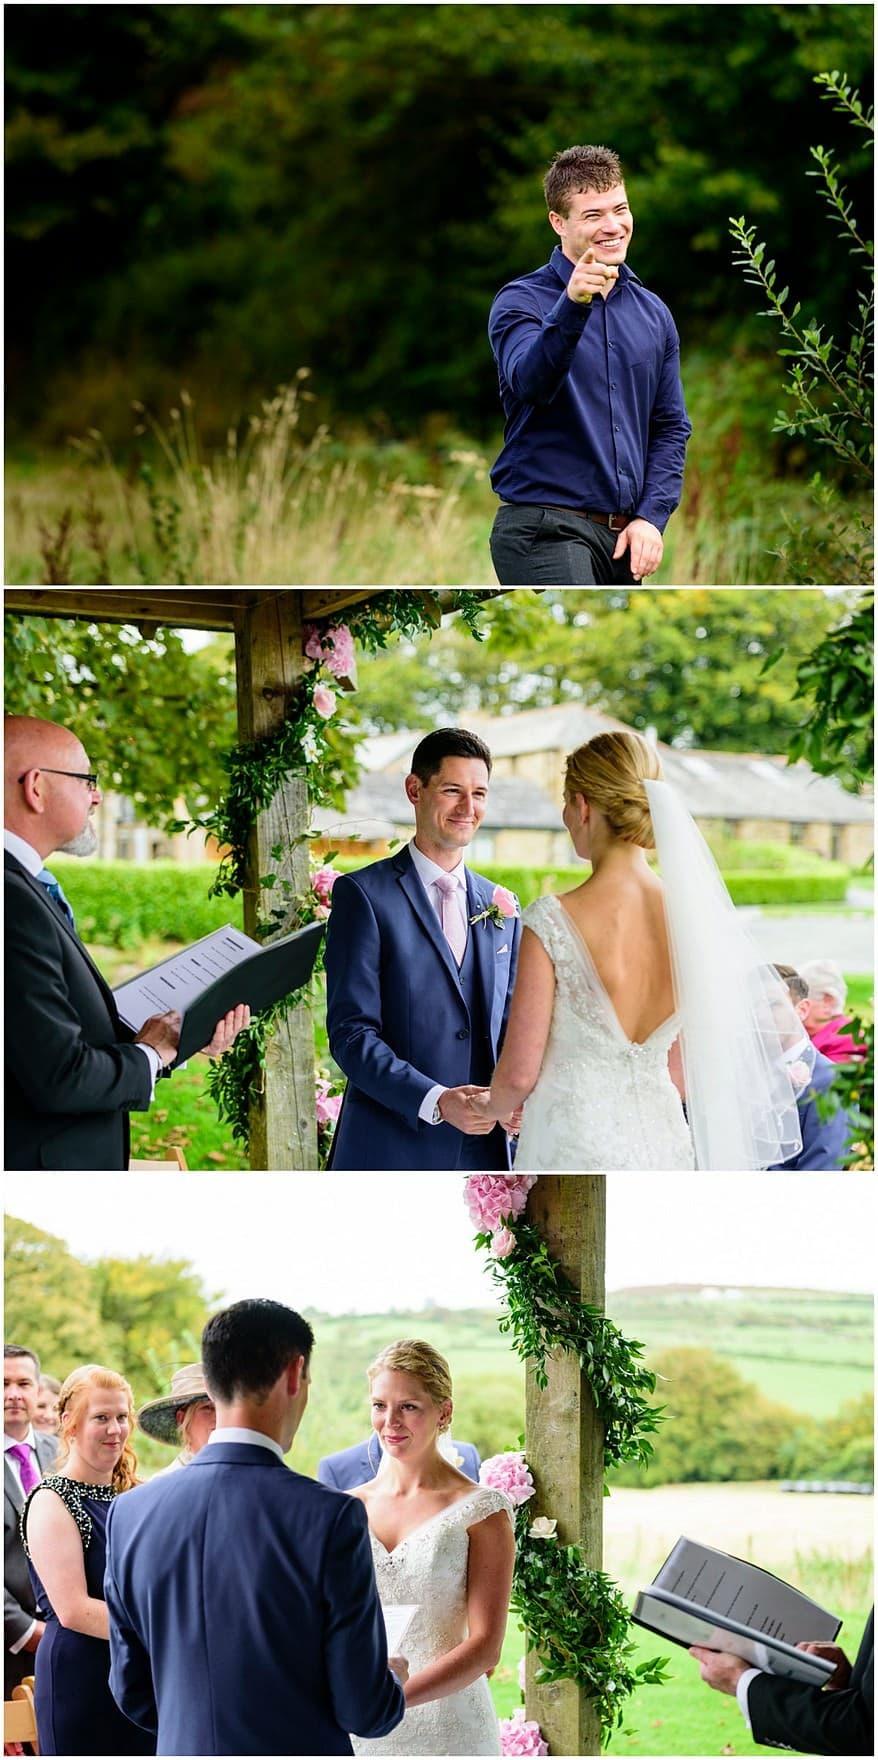 summer wedding ceremony at trevenna barns